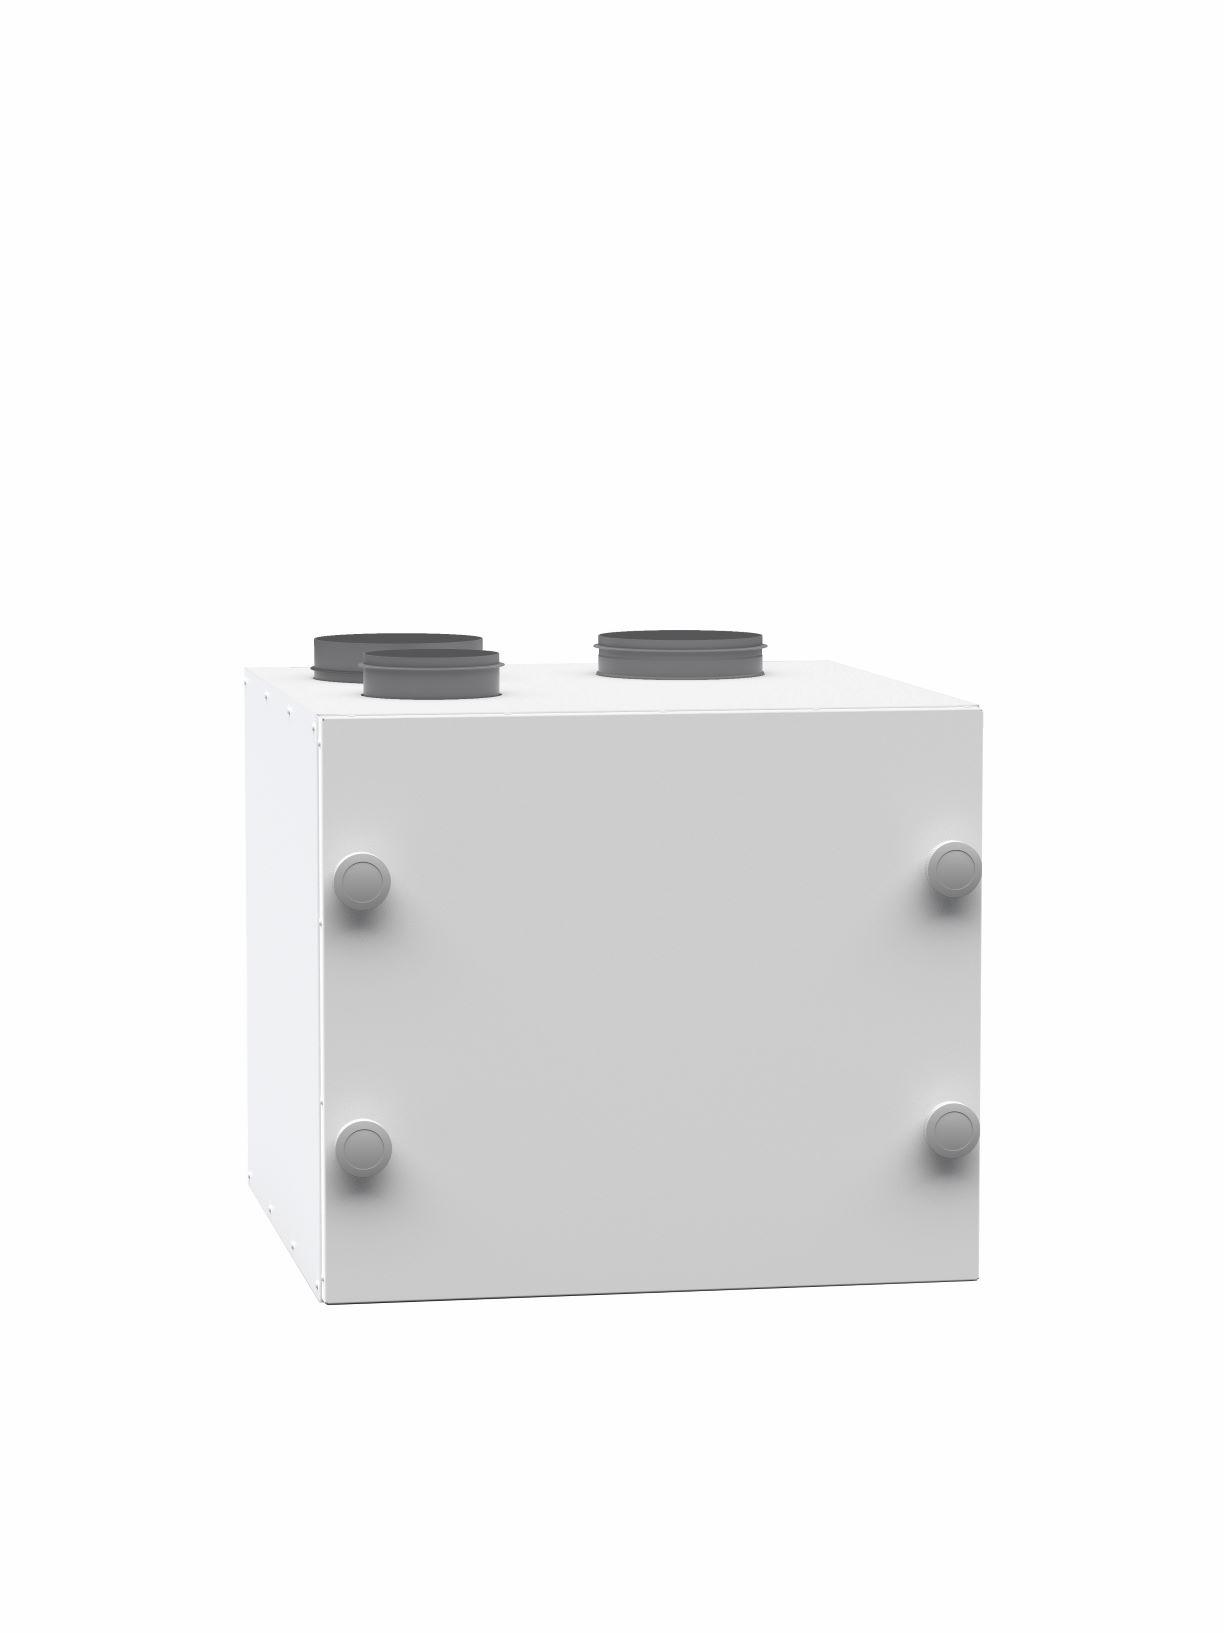 Supply air unit ComfortZone T15